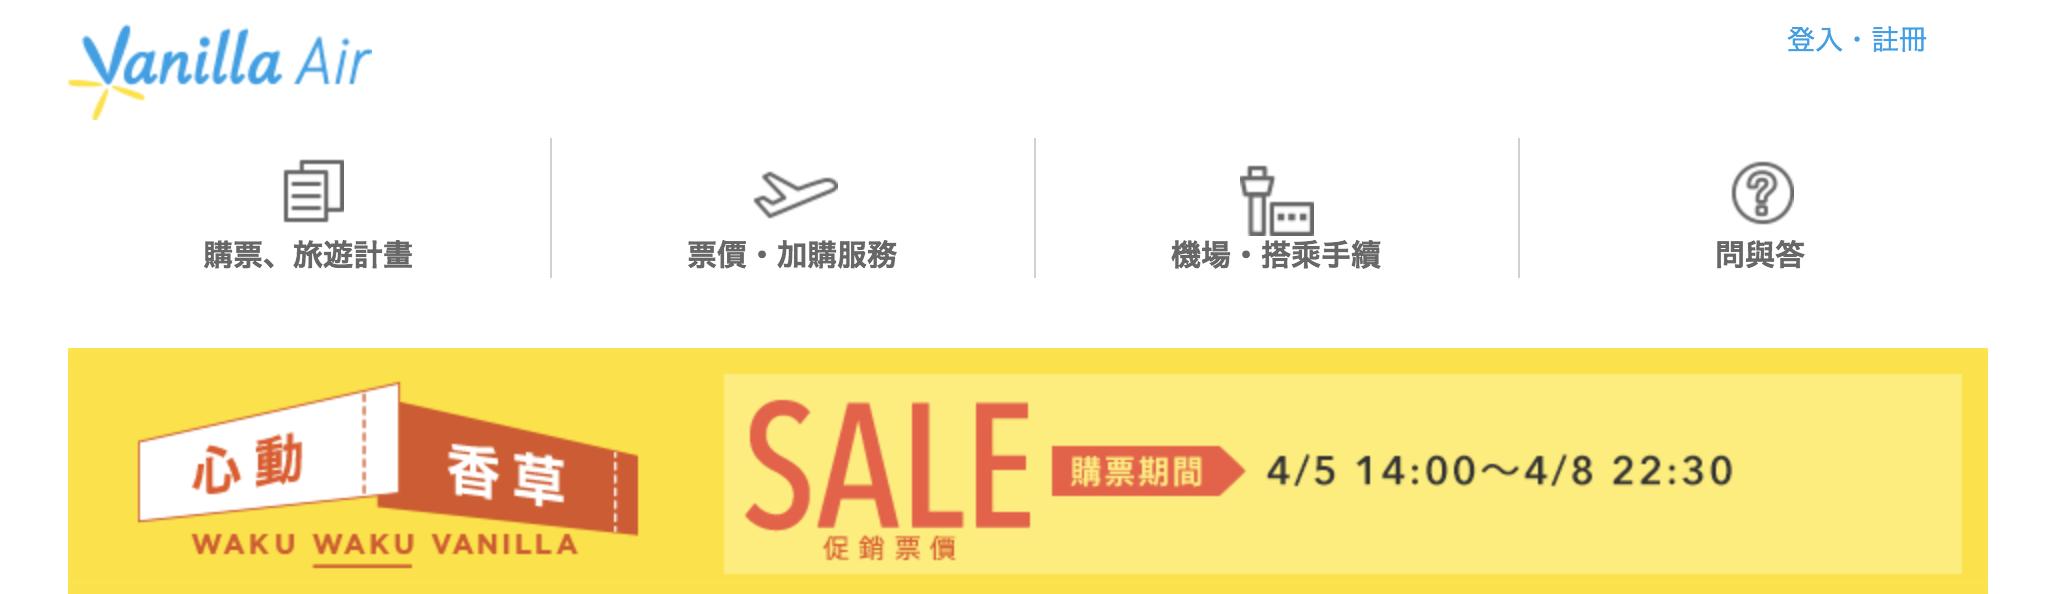 香草繼續再見促銷,可以期待暑假的票數~捷星冬季賞楓/過年促銷開始~